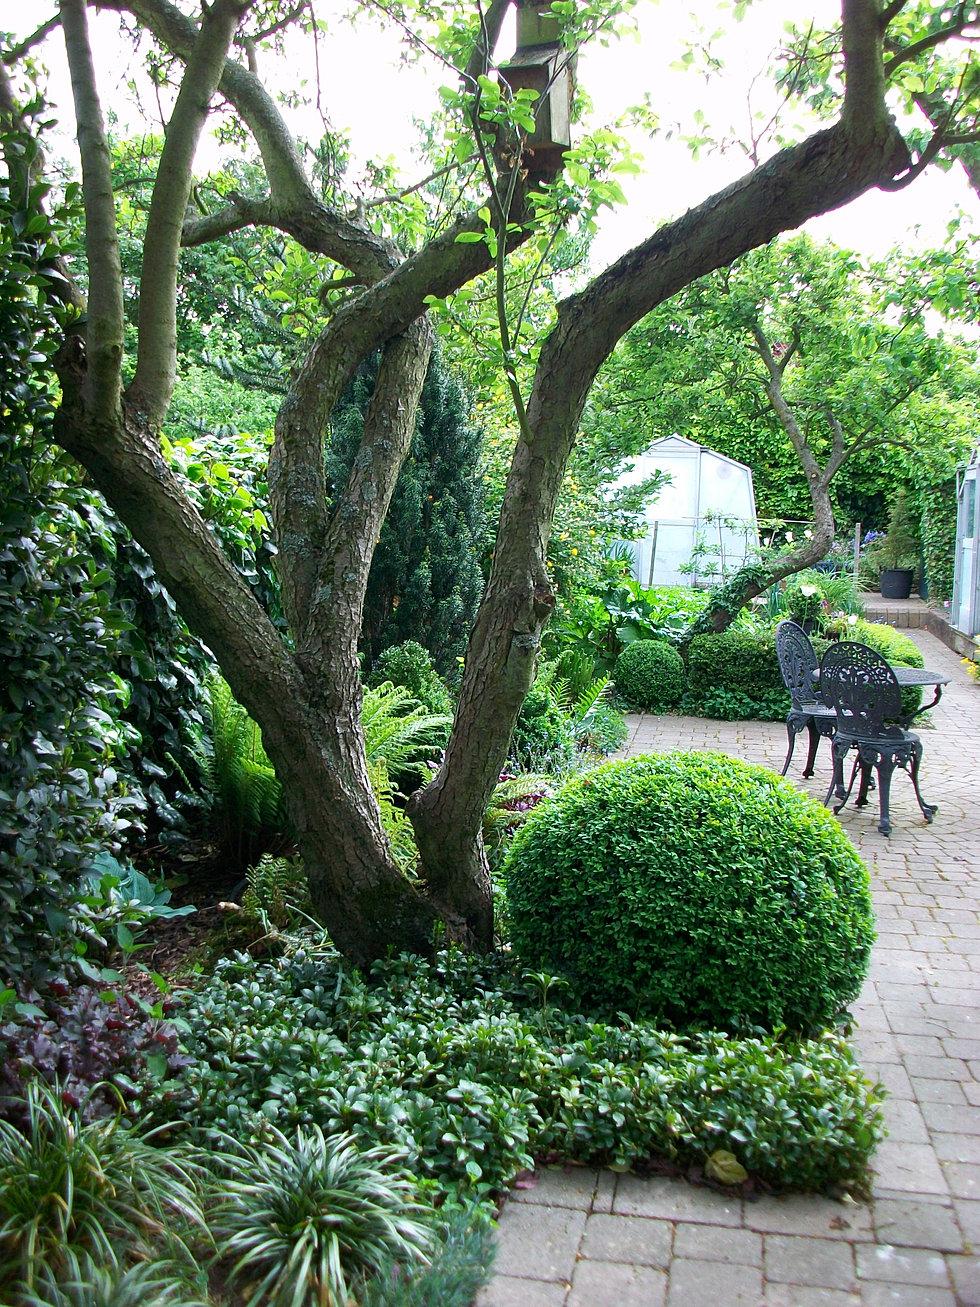 Landscape services essex for Garden design jobs essex